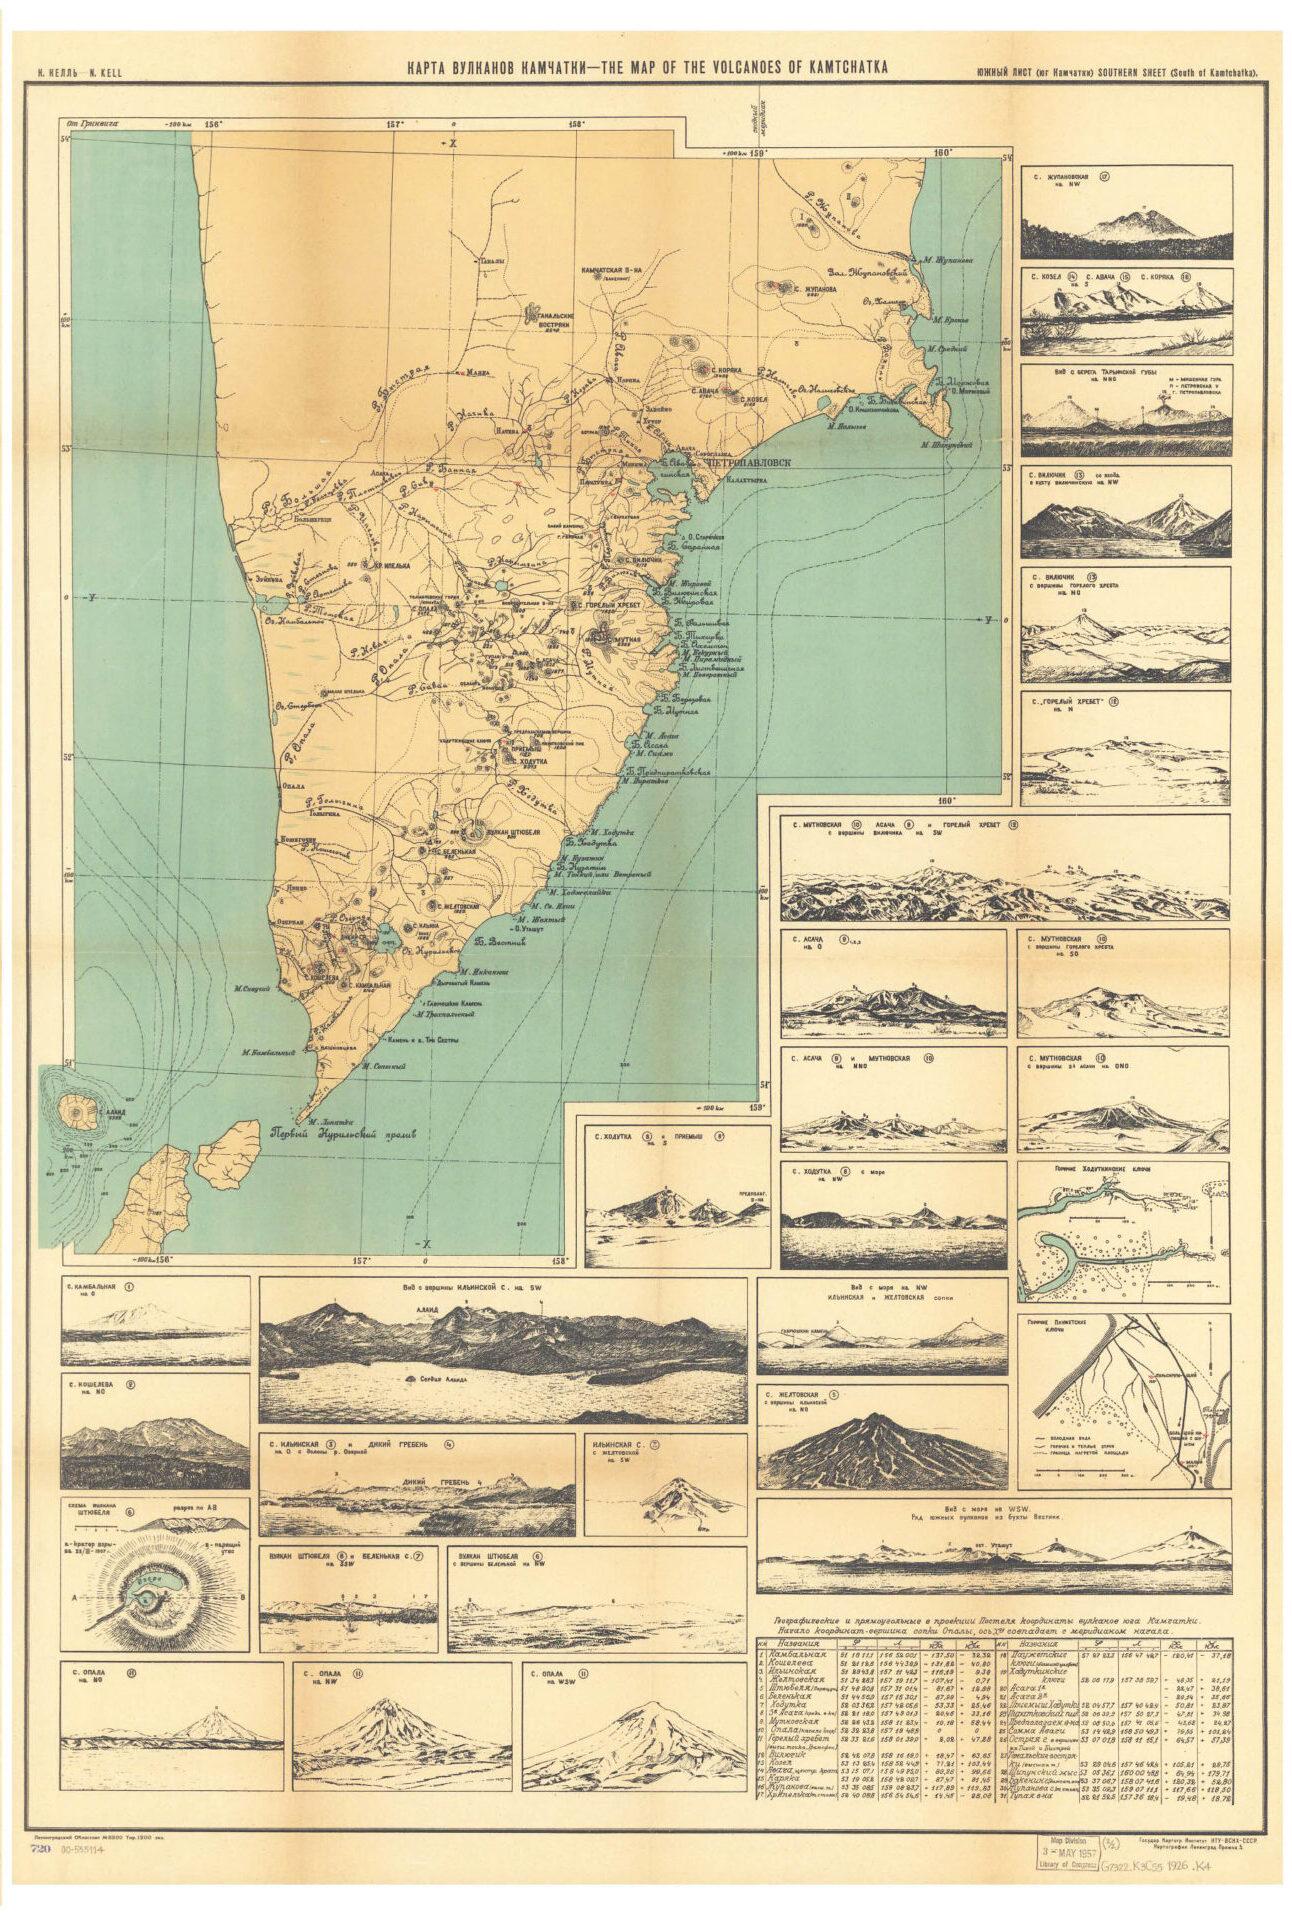 kamtchatka volcanoes map